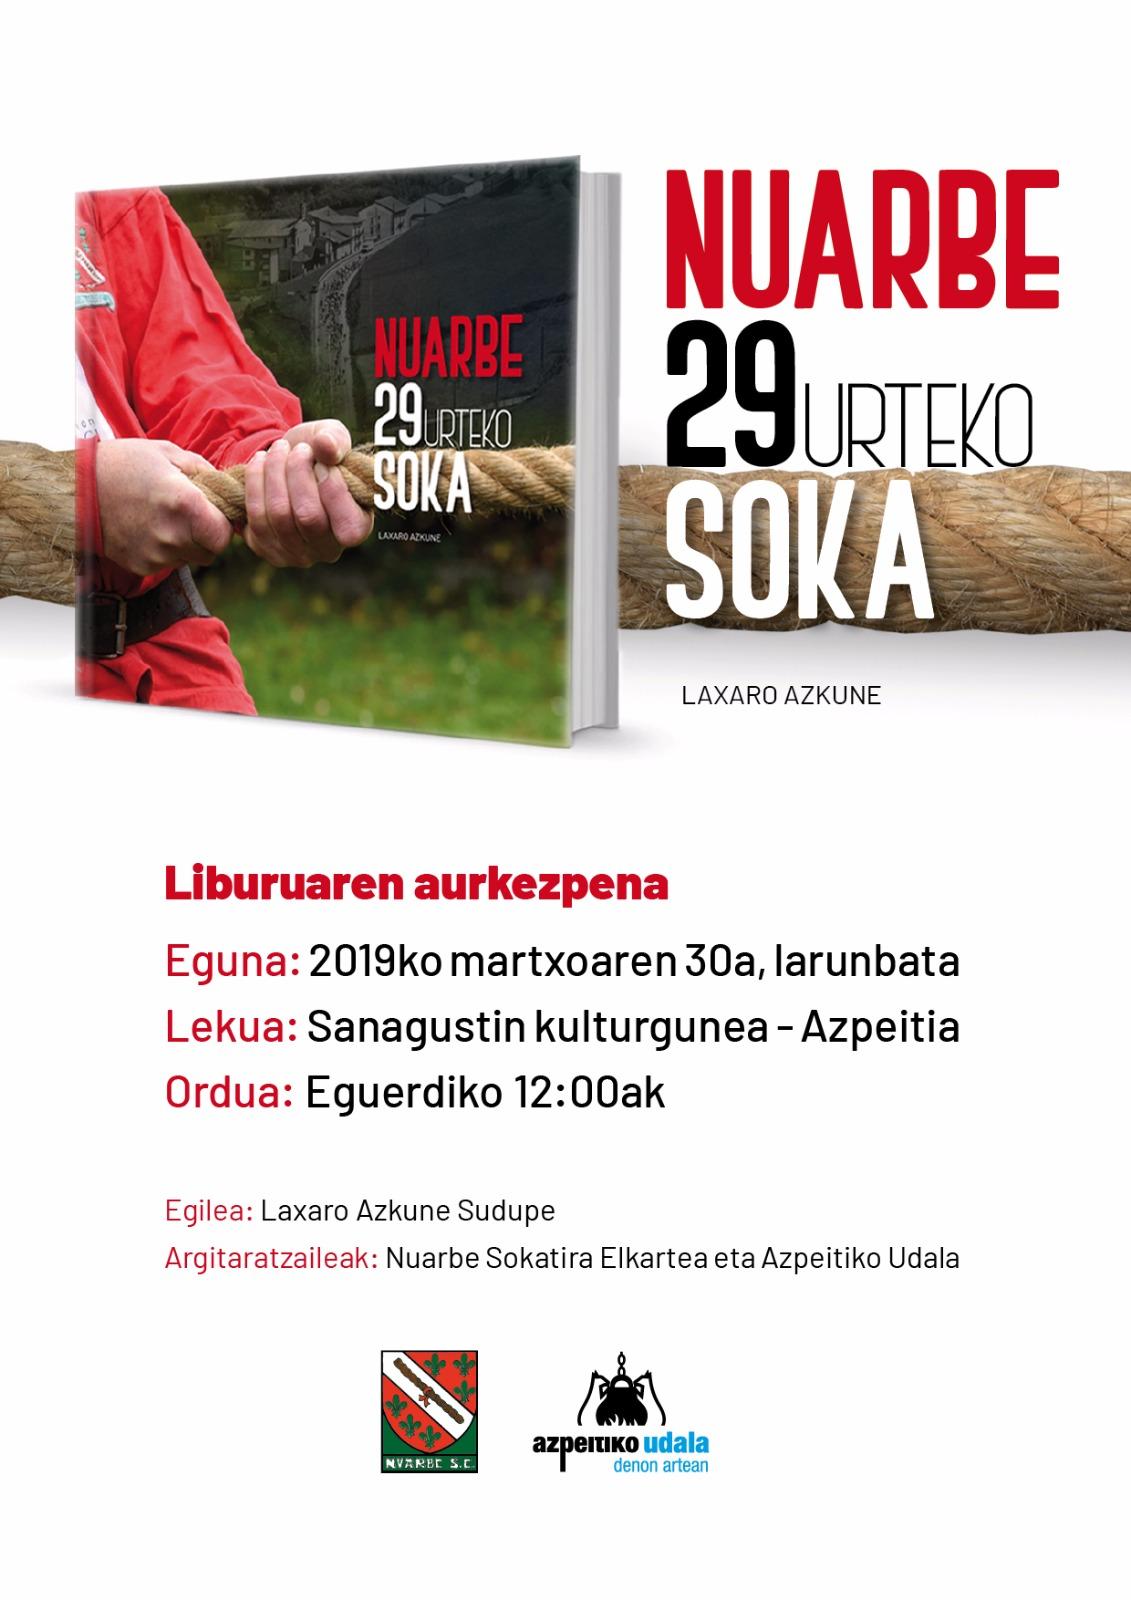 'Nuarbe. 29 urteko soka' liburuaren aurkezpena